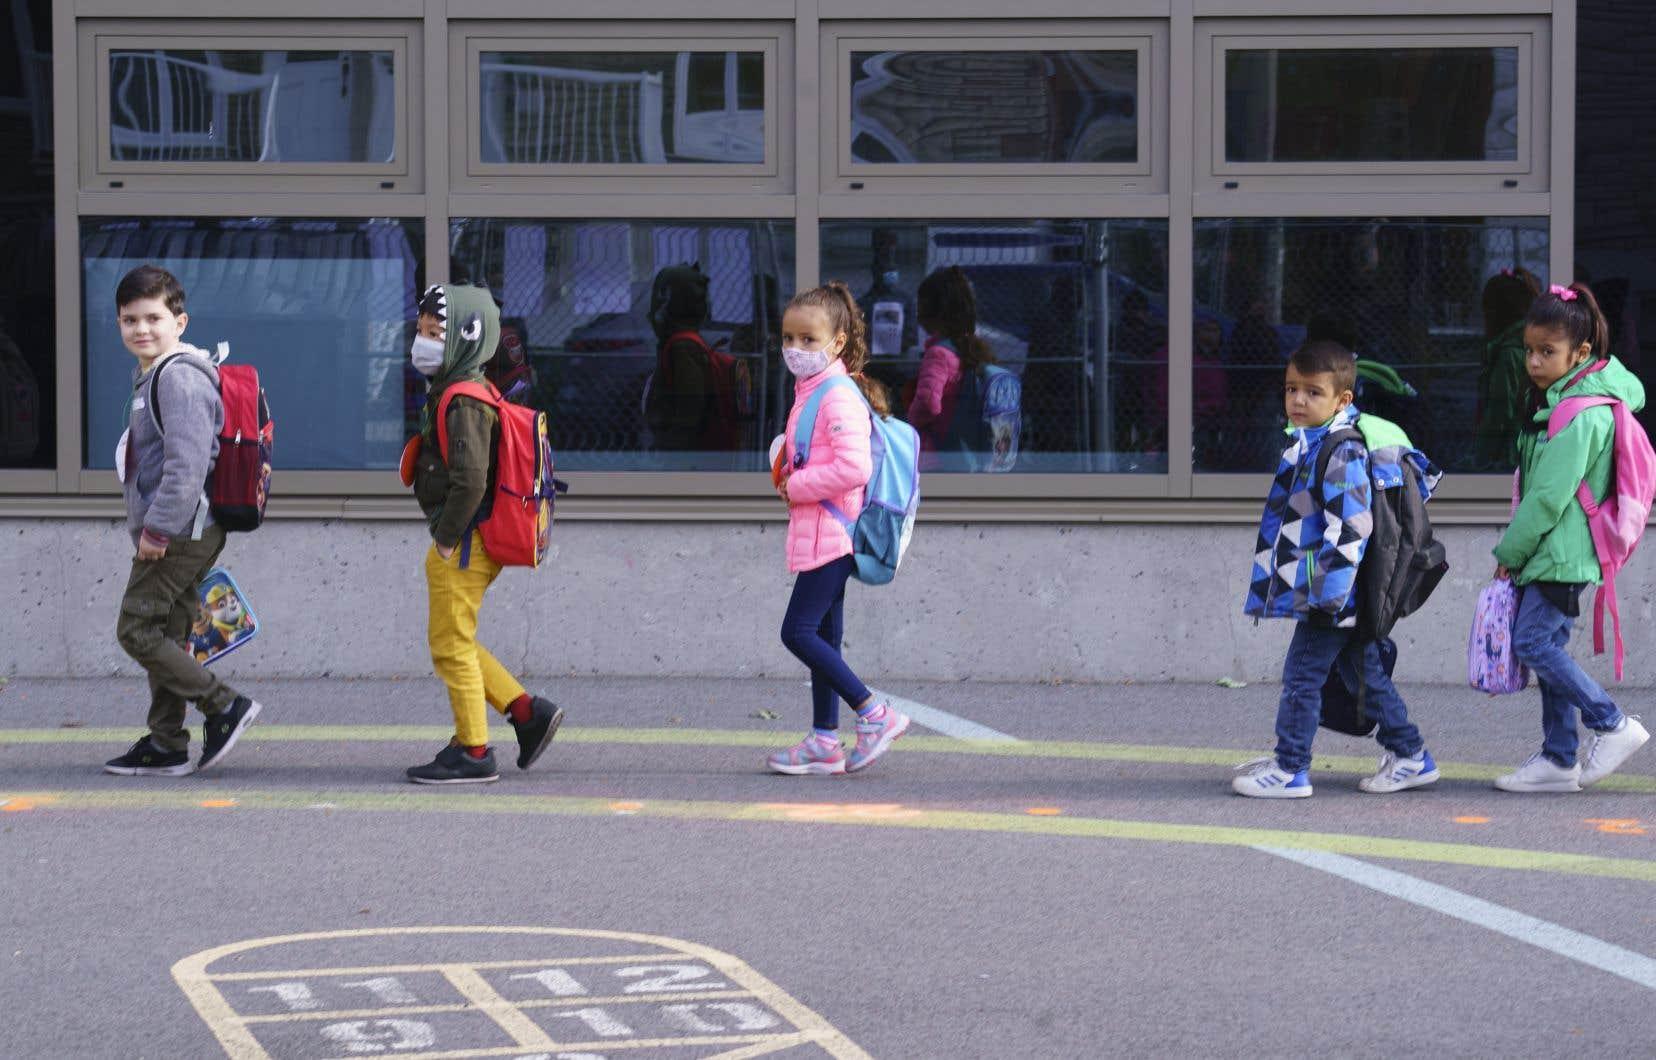 Les médias ont recensé des cas de coronavirus dans des écoles primaires, des écoles secondaires et des cégeps à Montréal, à Laval, à Québec, à Sherbrooke et en Abitibi-Témiscamingue.